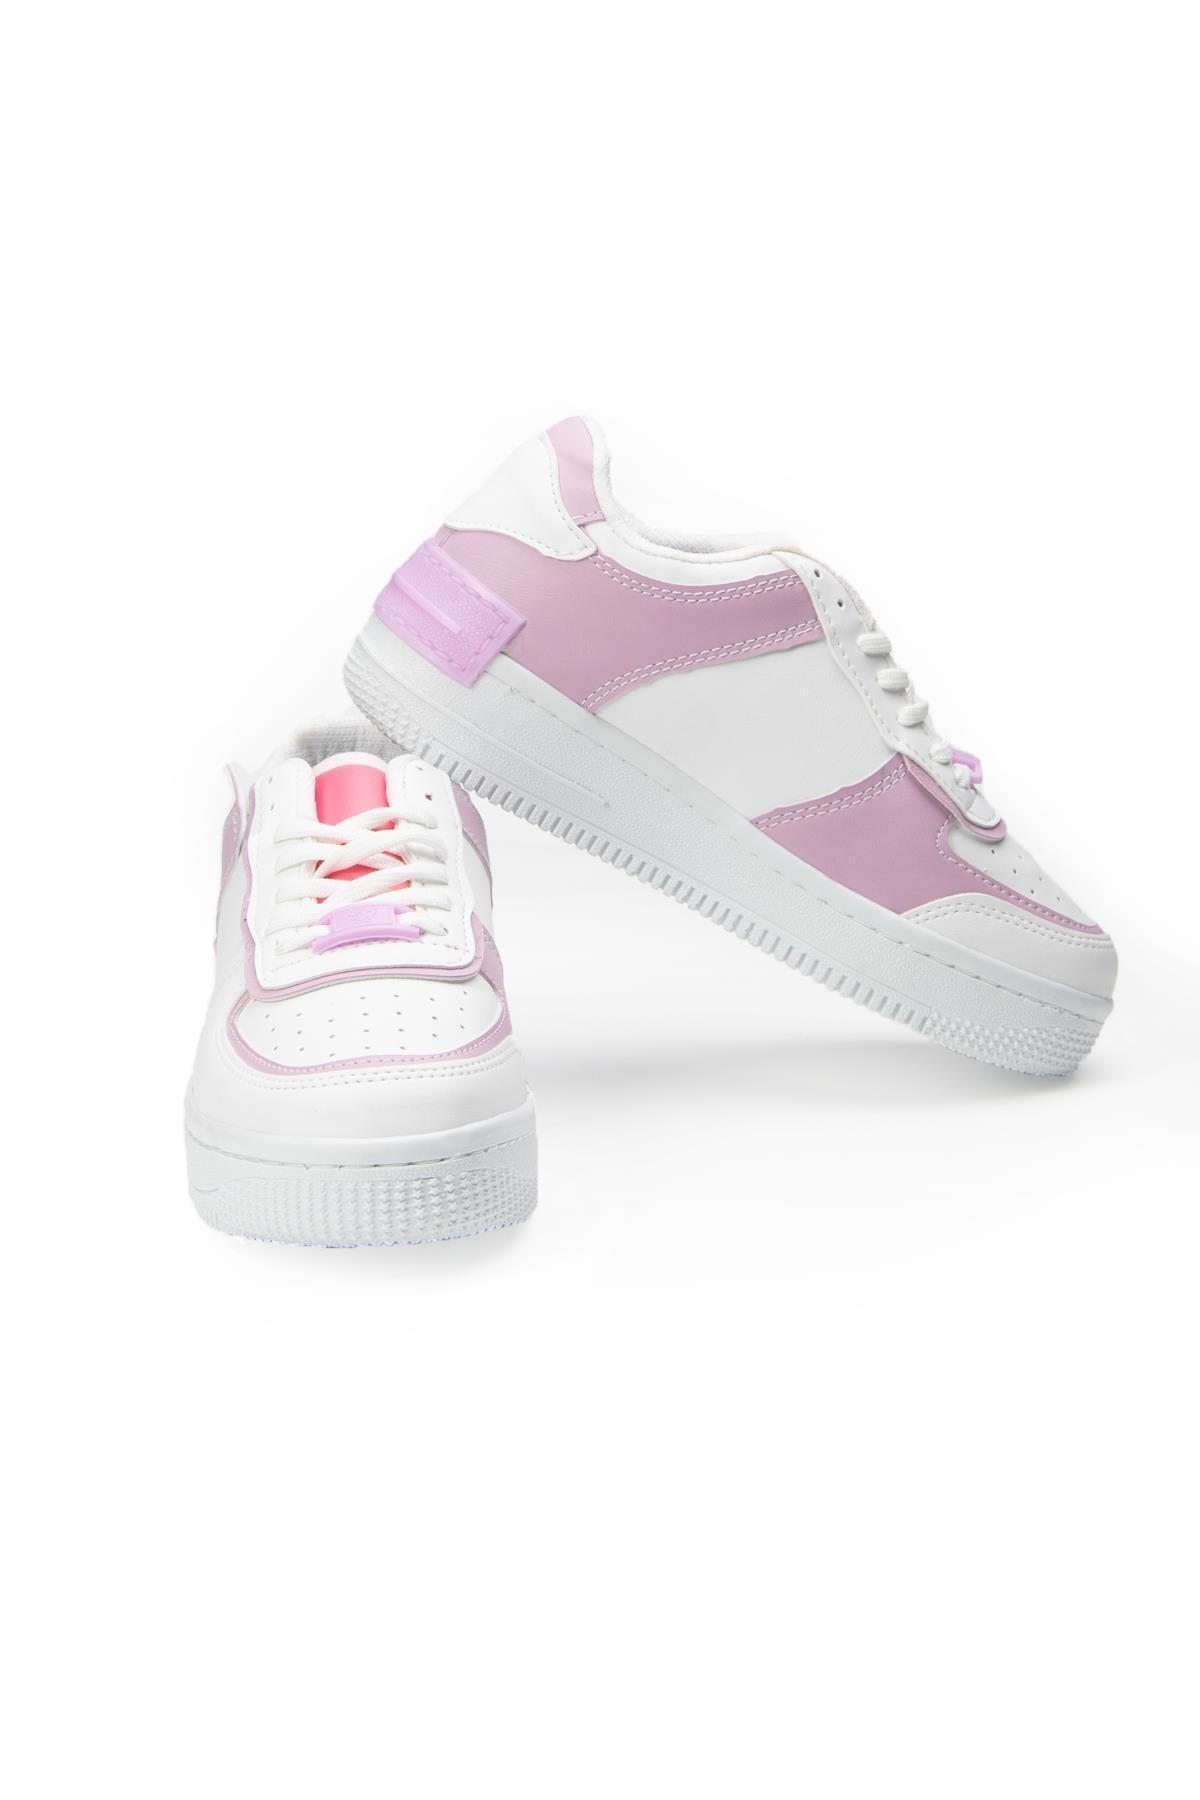 LETOON 2117 Kadın Günlük Ayakkabı 1